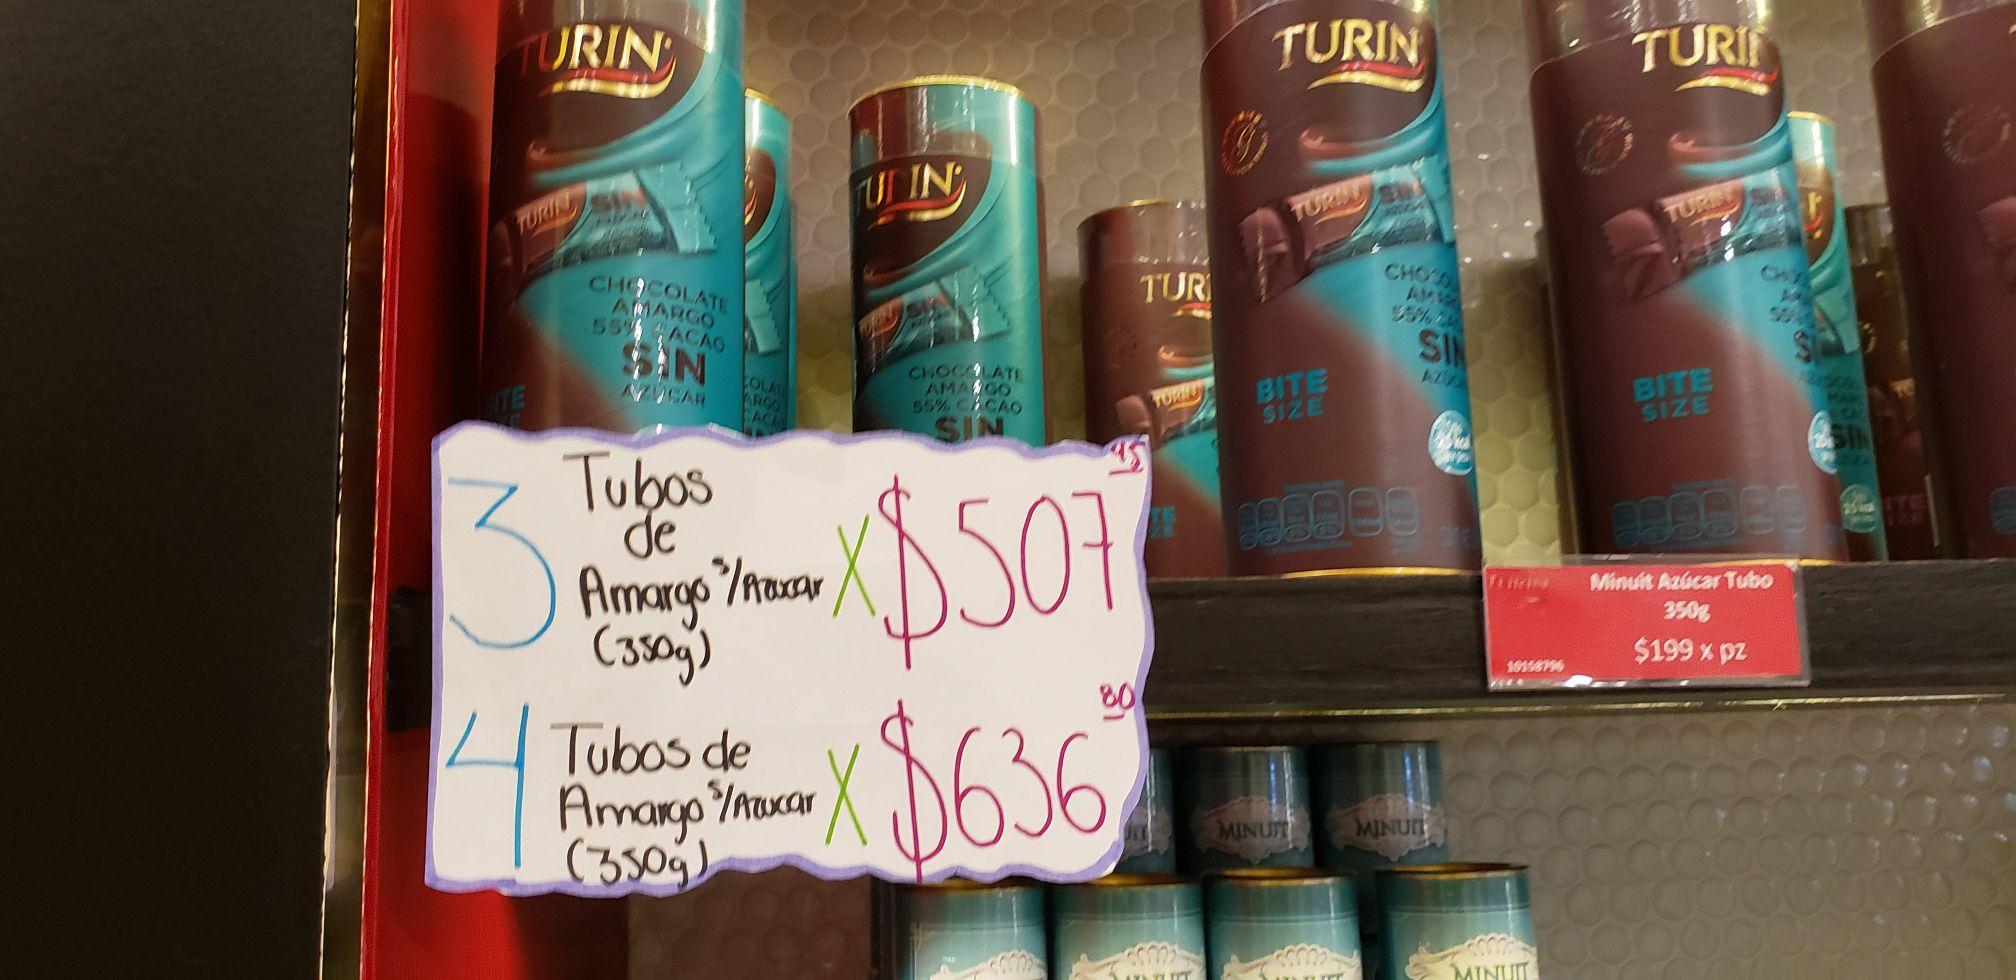 Turin: Chocolate amargo sin azúcar 350 g